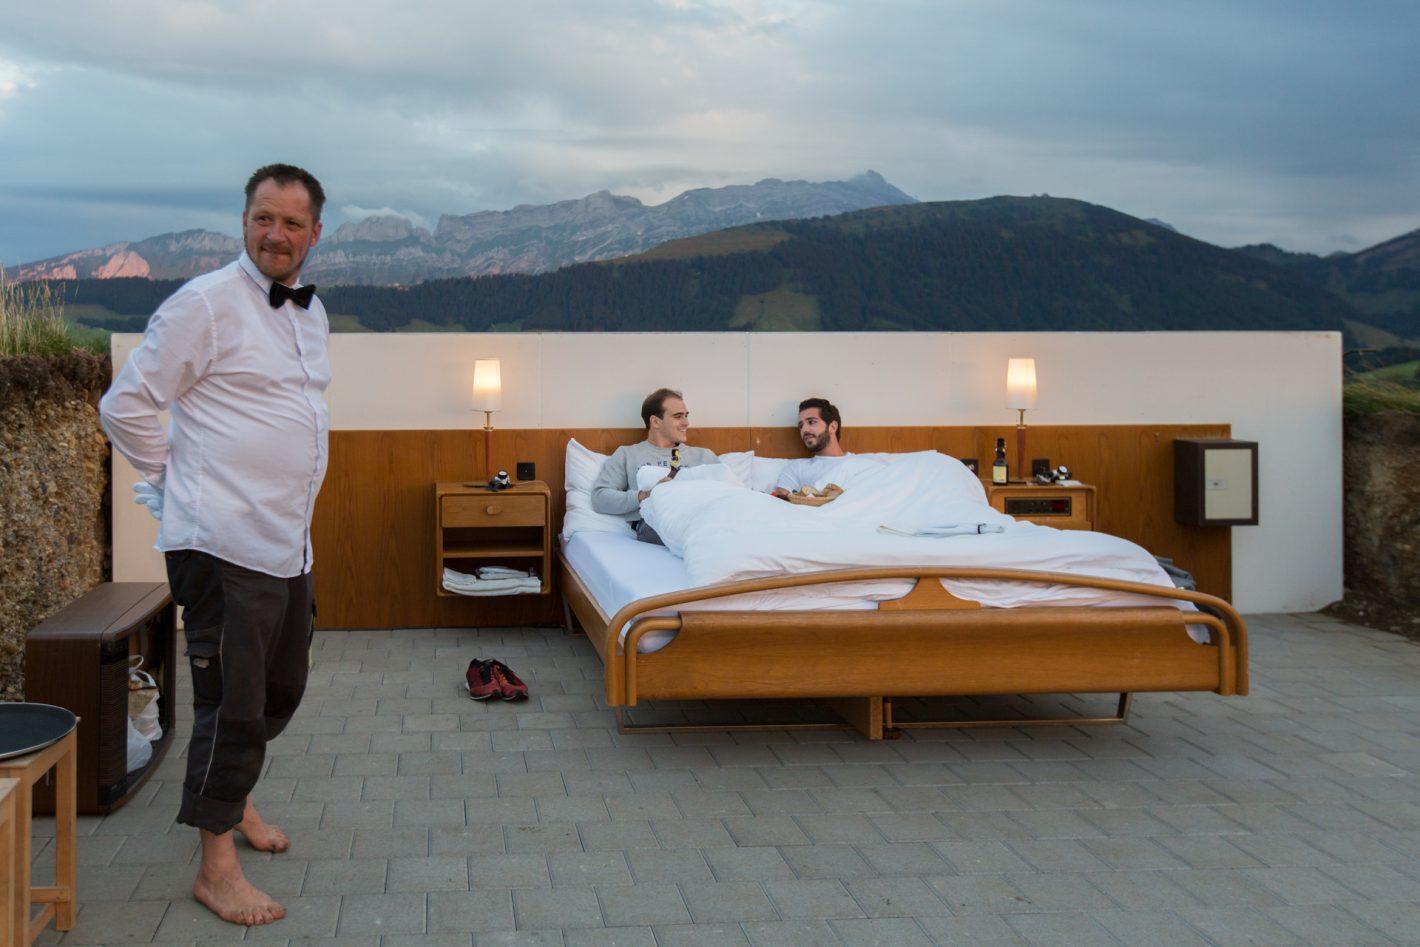 En Appenzell, 2 artistes conceptuels, Frank et Patrik Riklin, créent en partenariat avec l'hôtelier Daniel Charbonnier un nouveau concept d'hôtel de luxe : une chambre sans nuit ni toit. Le